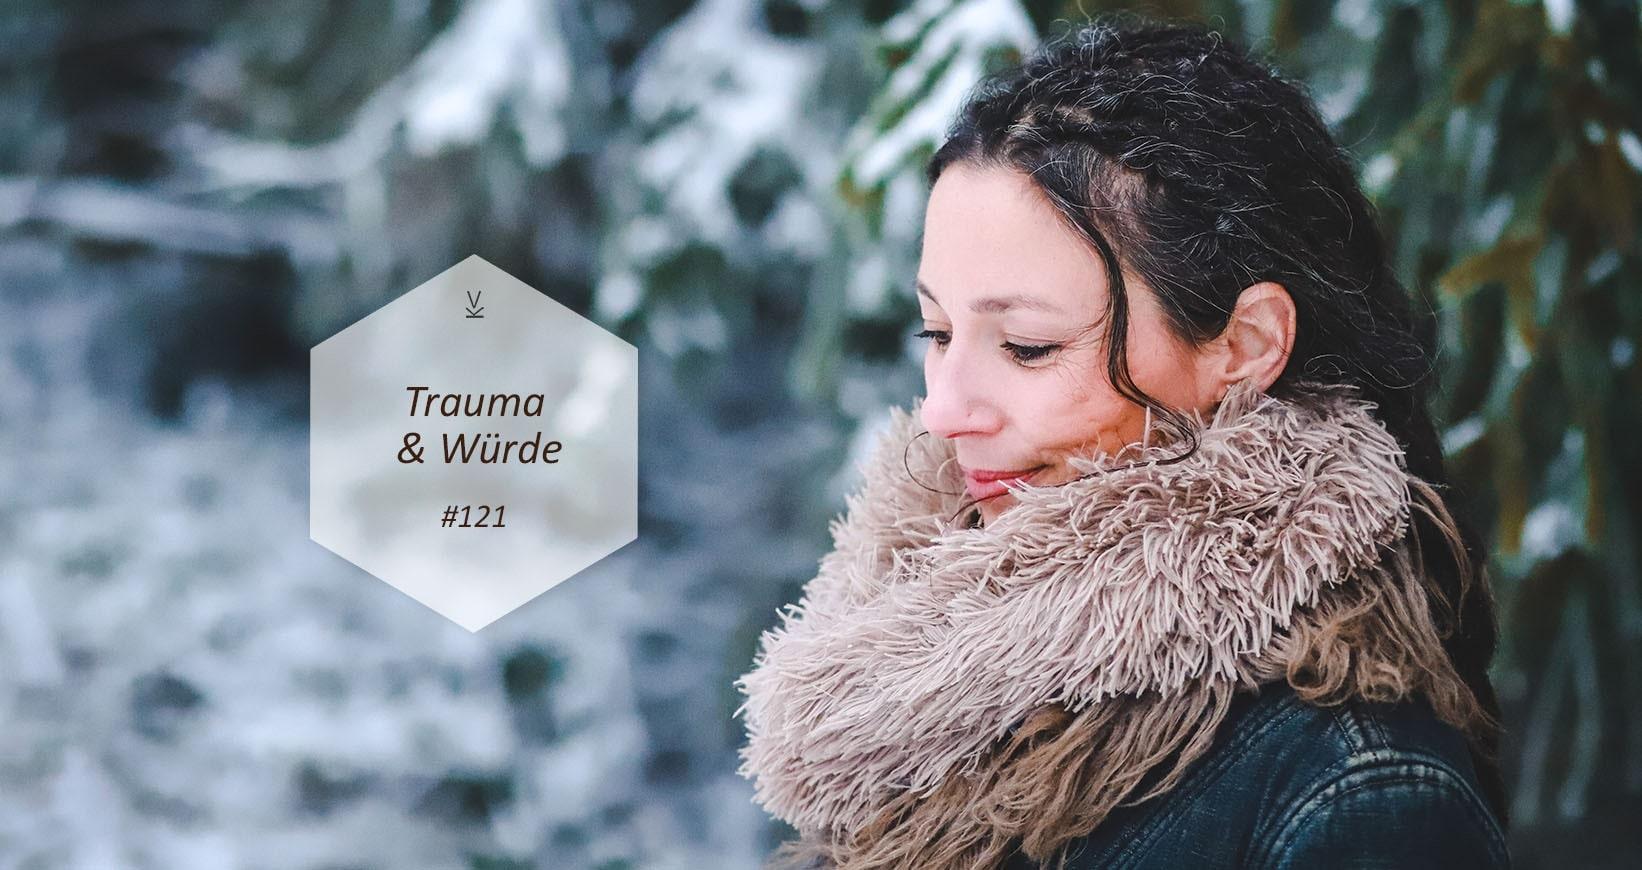 Trauma & Würde - wie wir unsere Würde wiedererlangen können (Verena König)